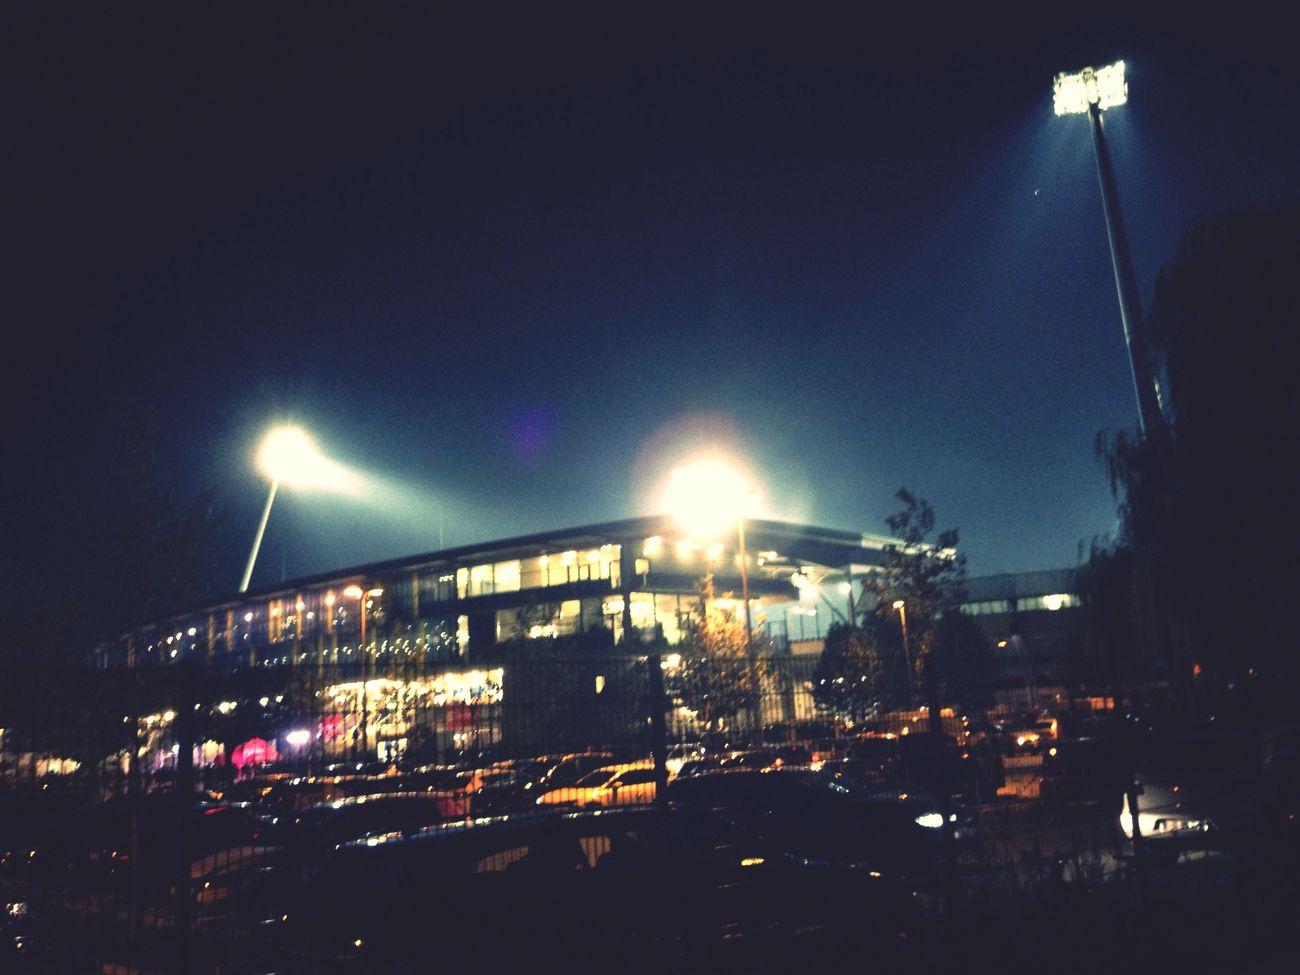 Braunschweig Eintracht Braunschweig stadion